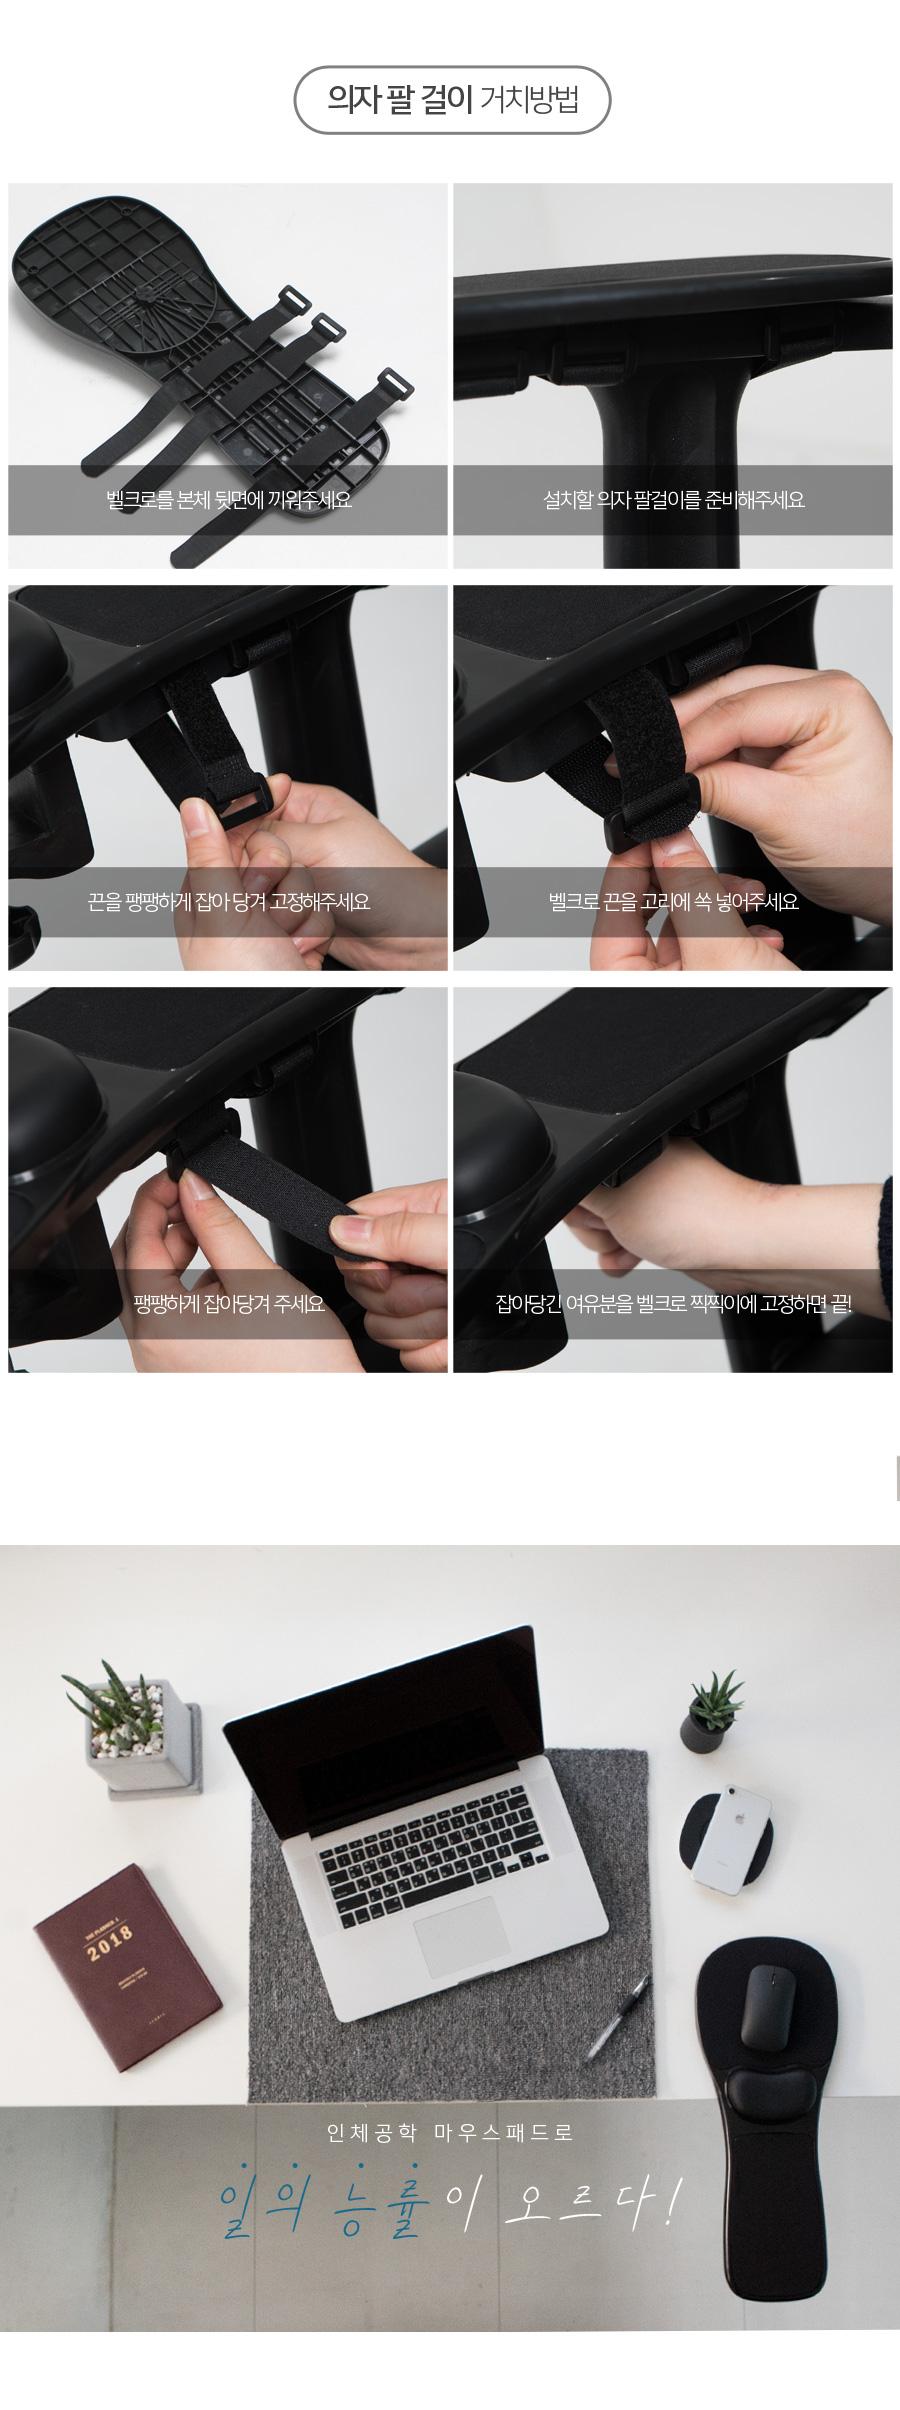 인체공학 메모리폼 손목 쿠션 팔꿈치 보호 마우스패드 - 진주, 23,300원, 키보드/마우스 용품, 손목보호 쿠션